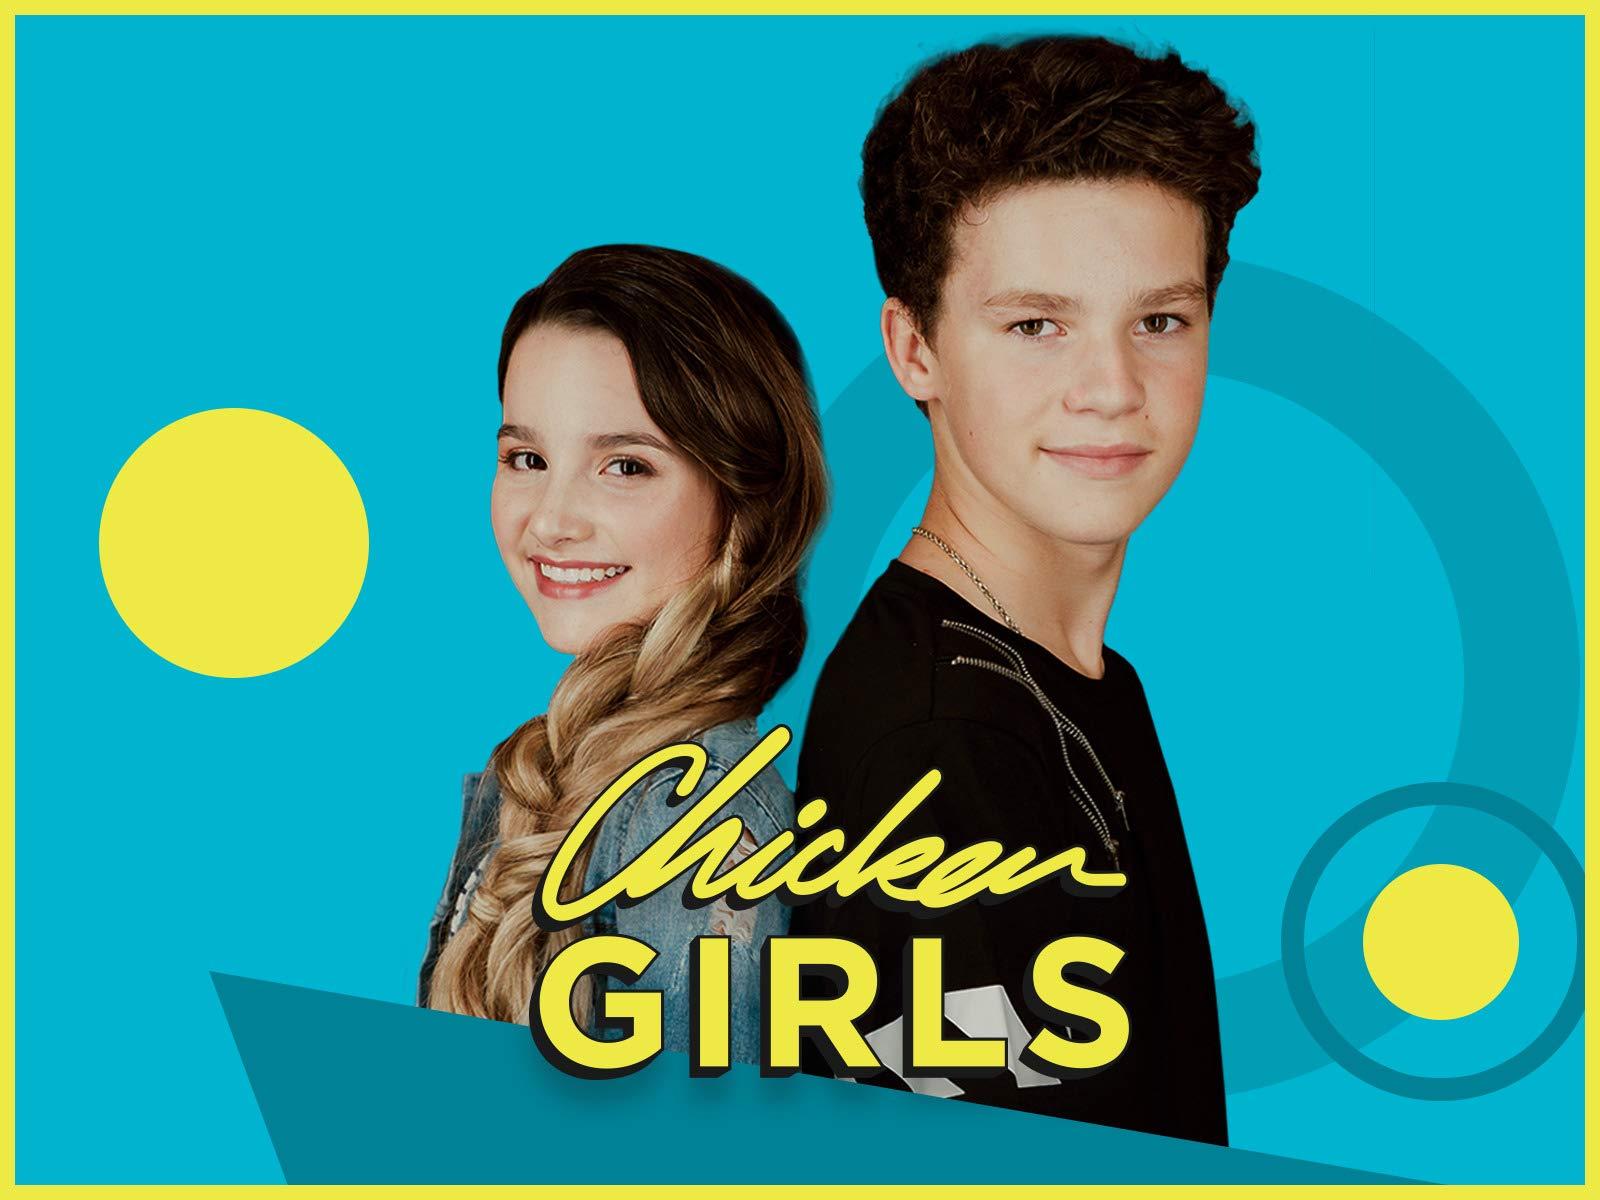 Chicken Girls